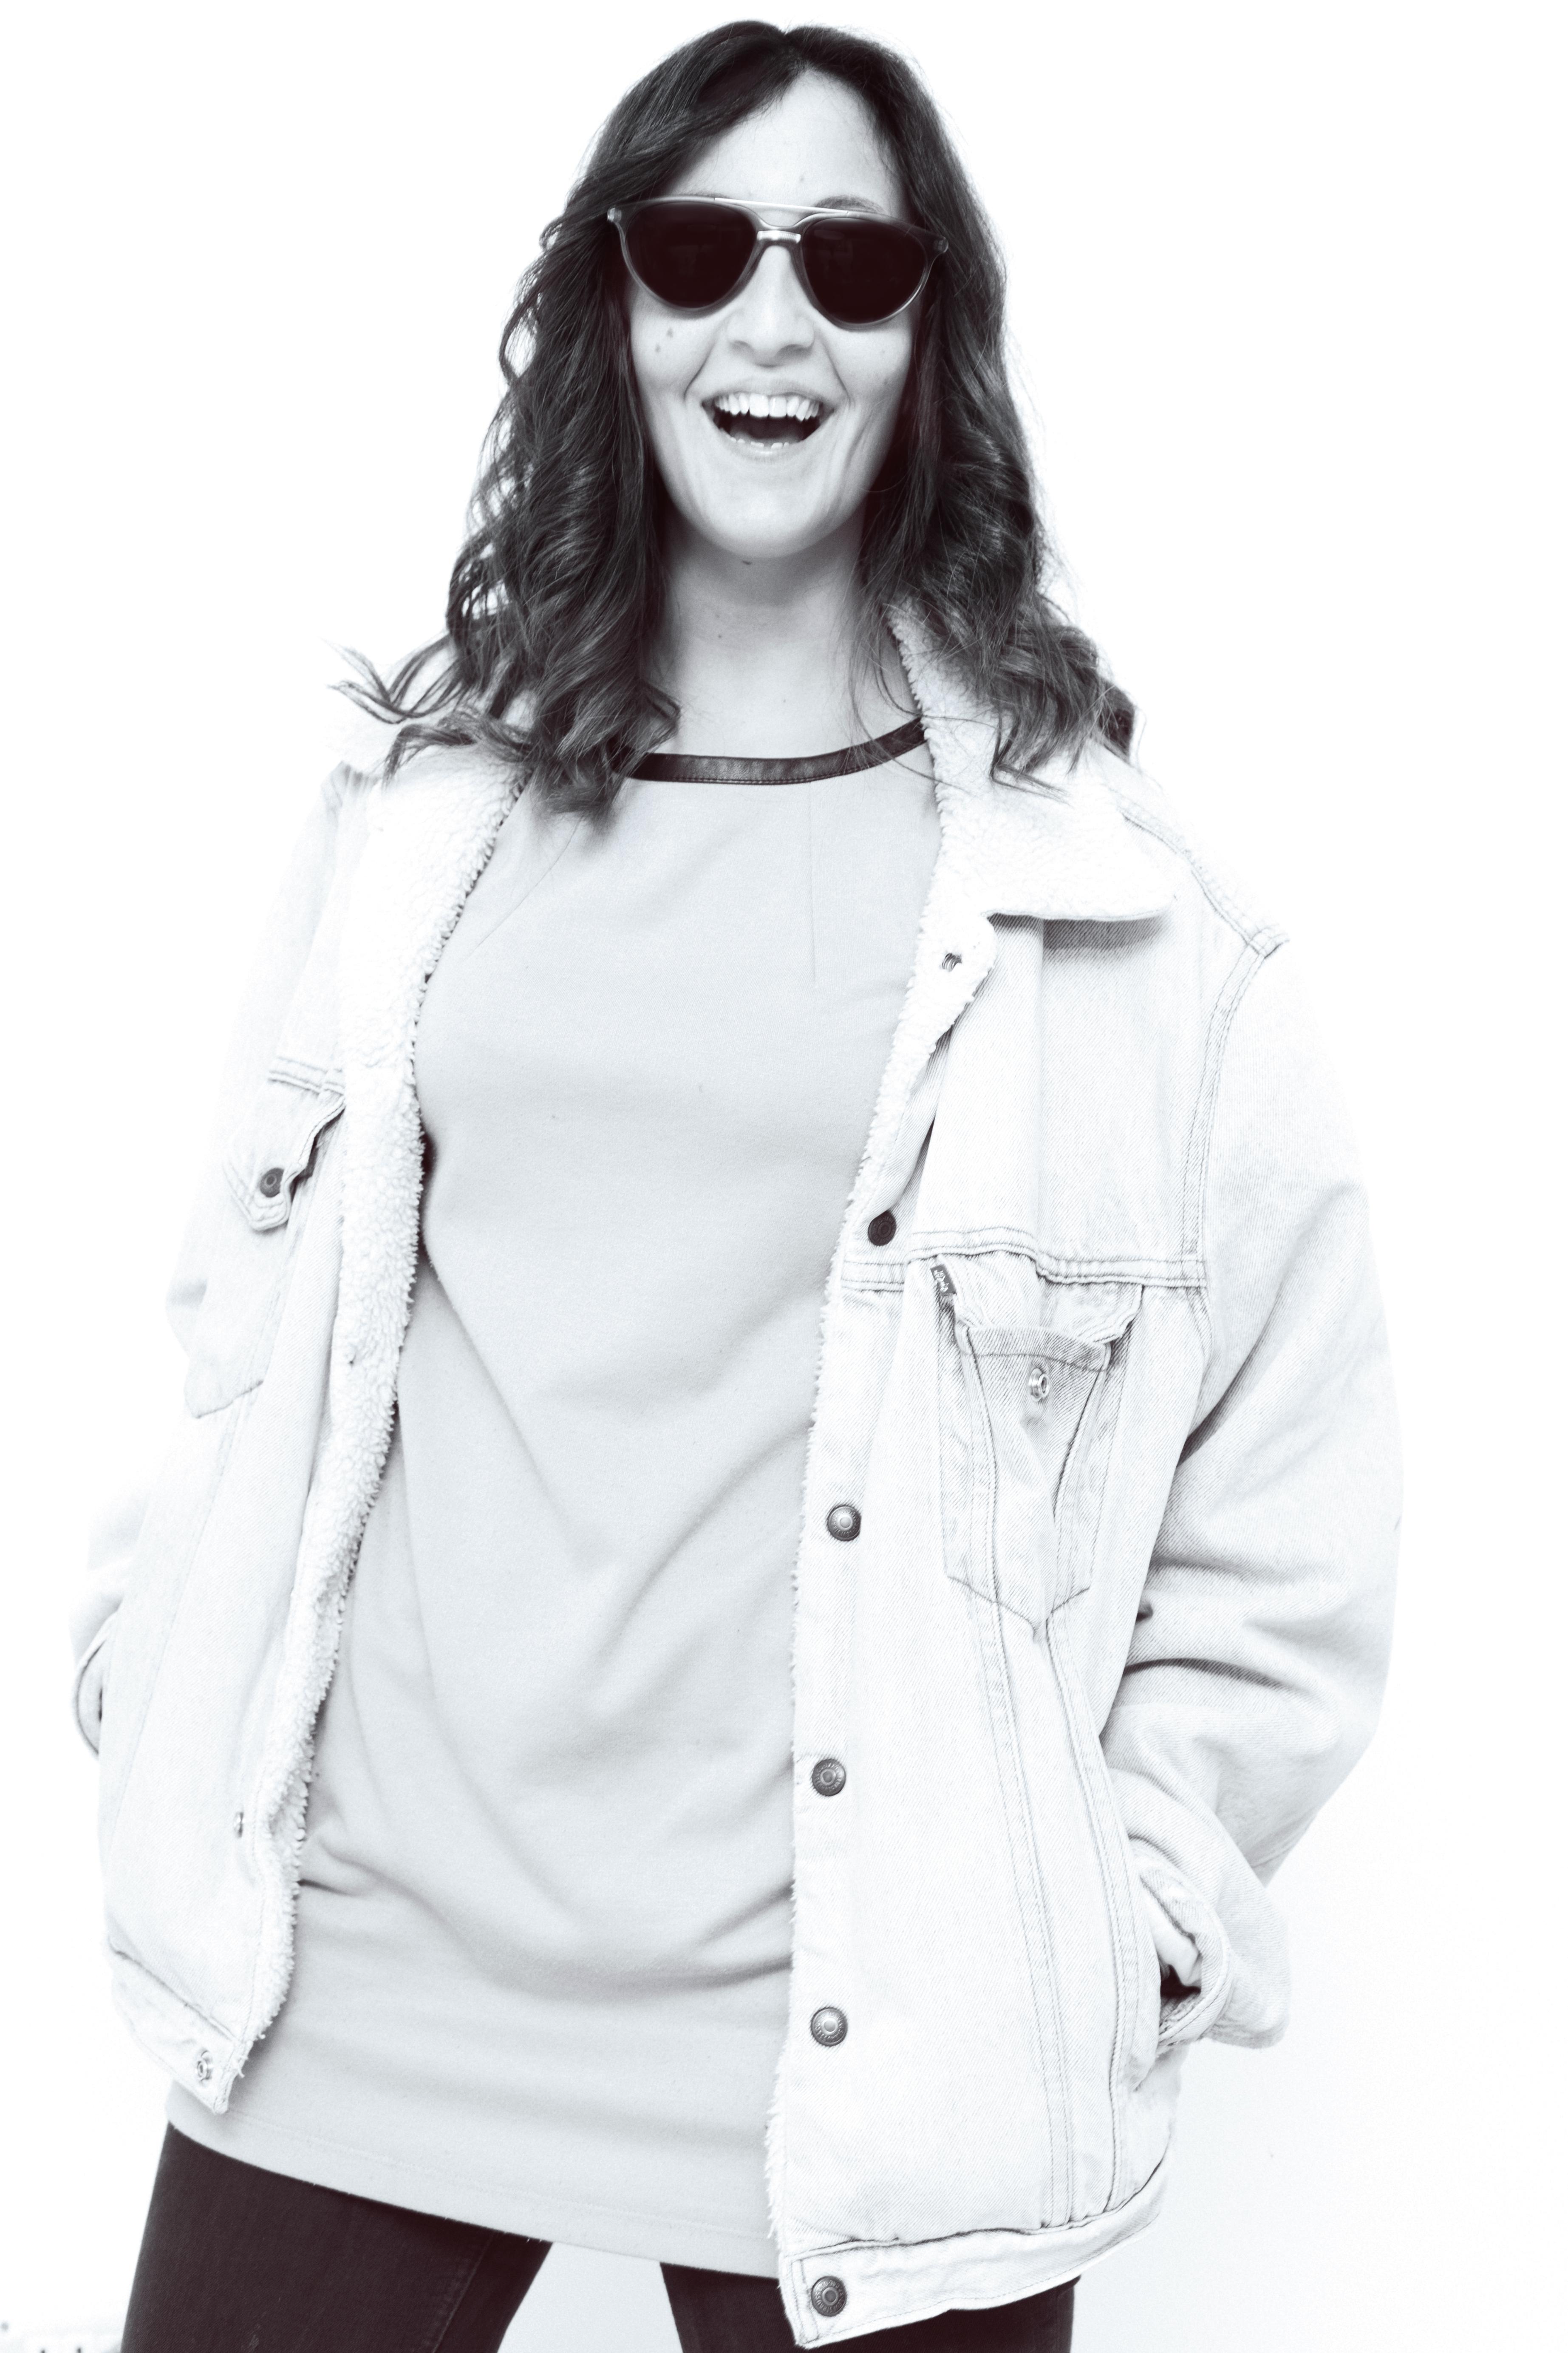 Arianna Posillico picture